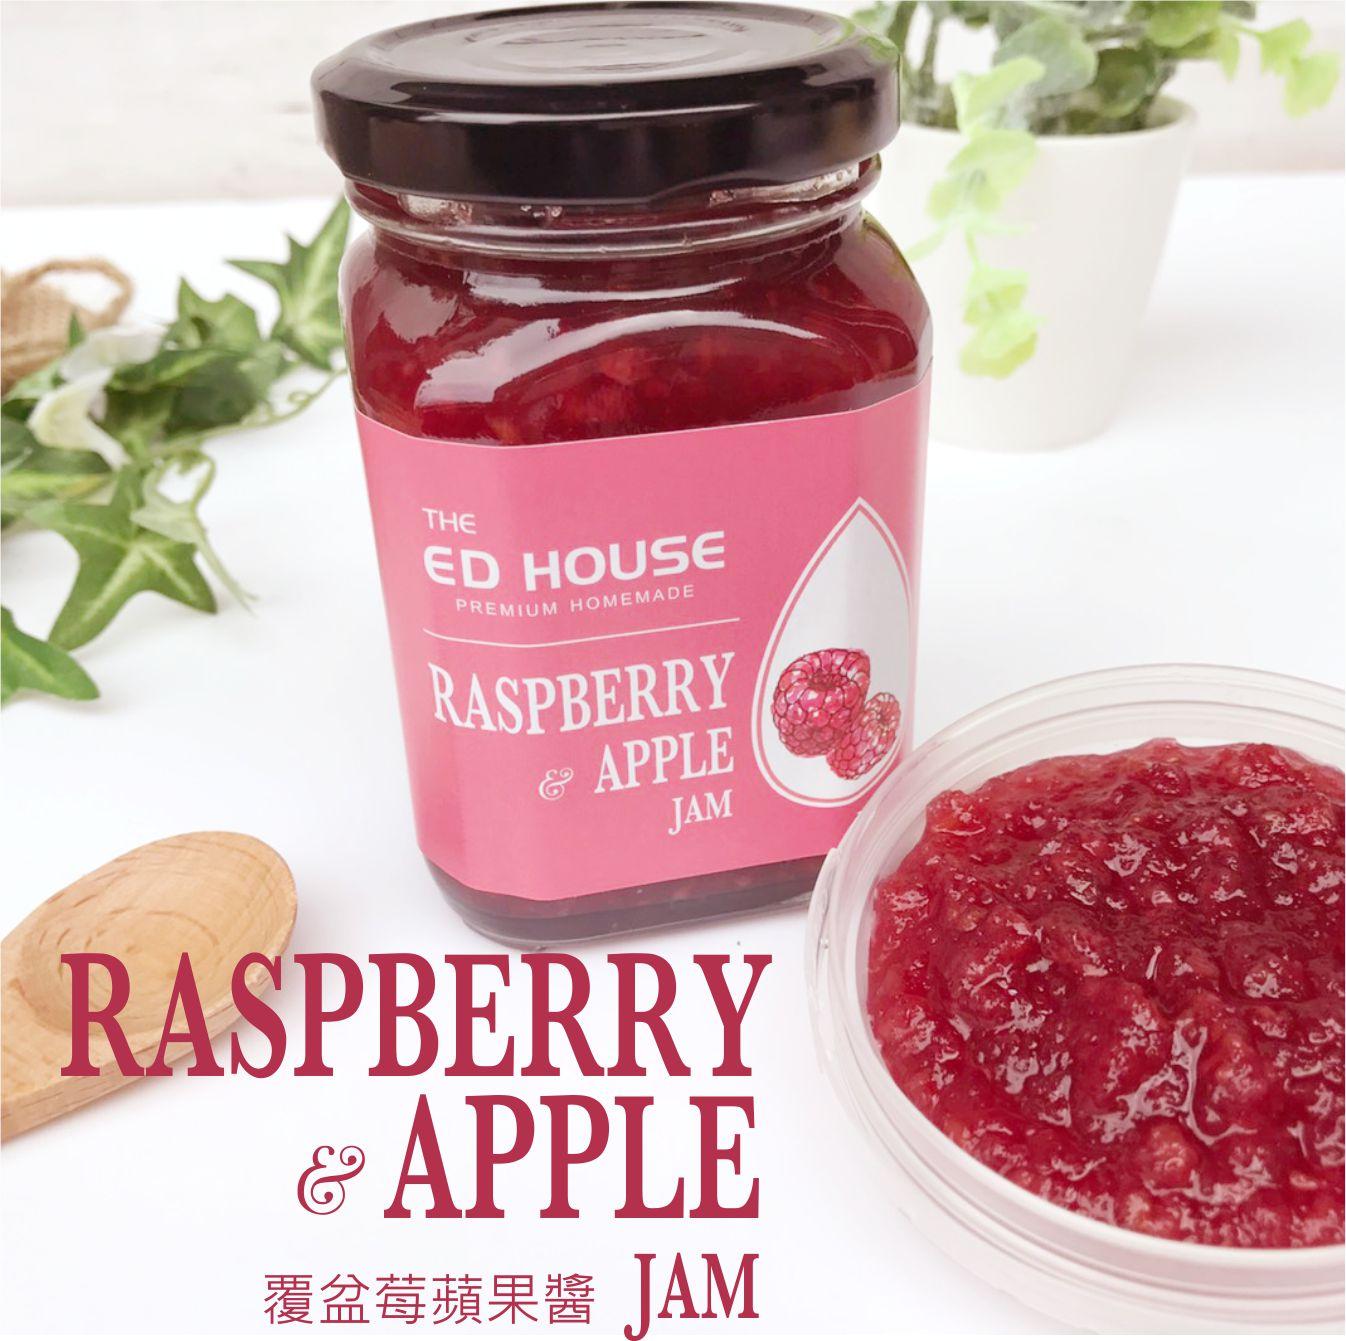 覆盆莓蘋果醬 230g